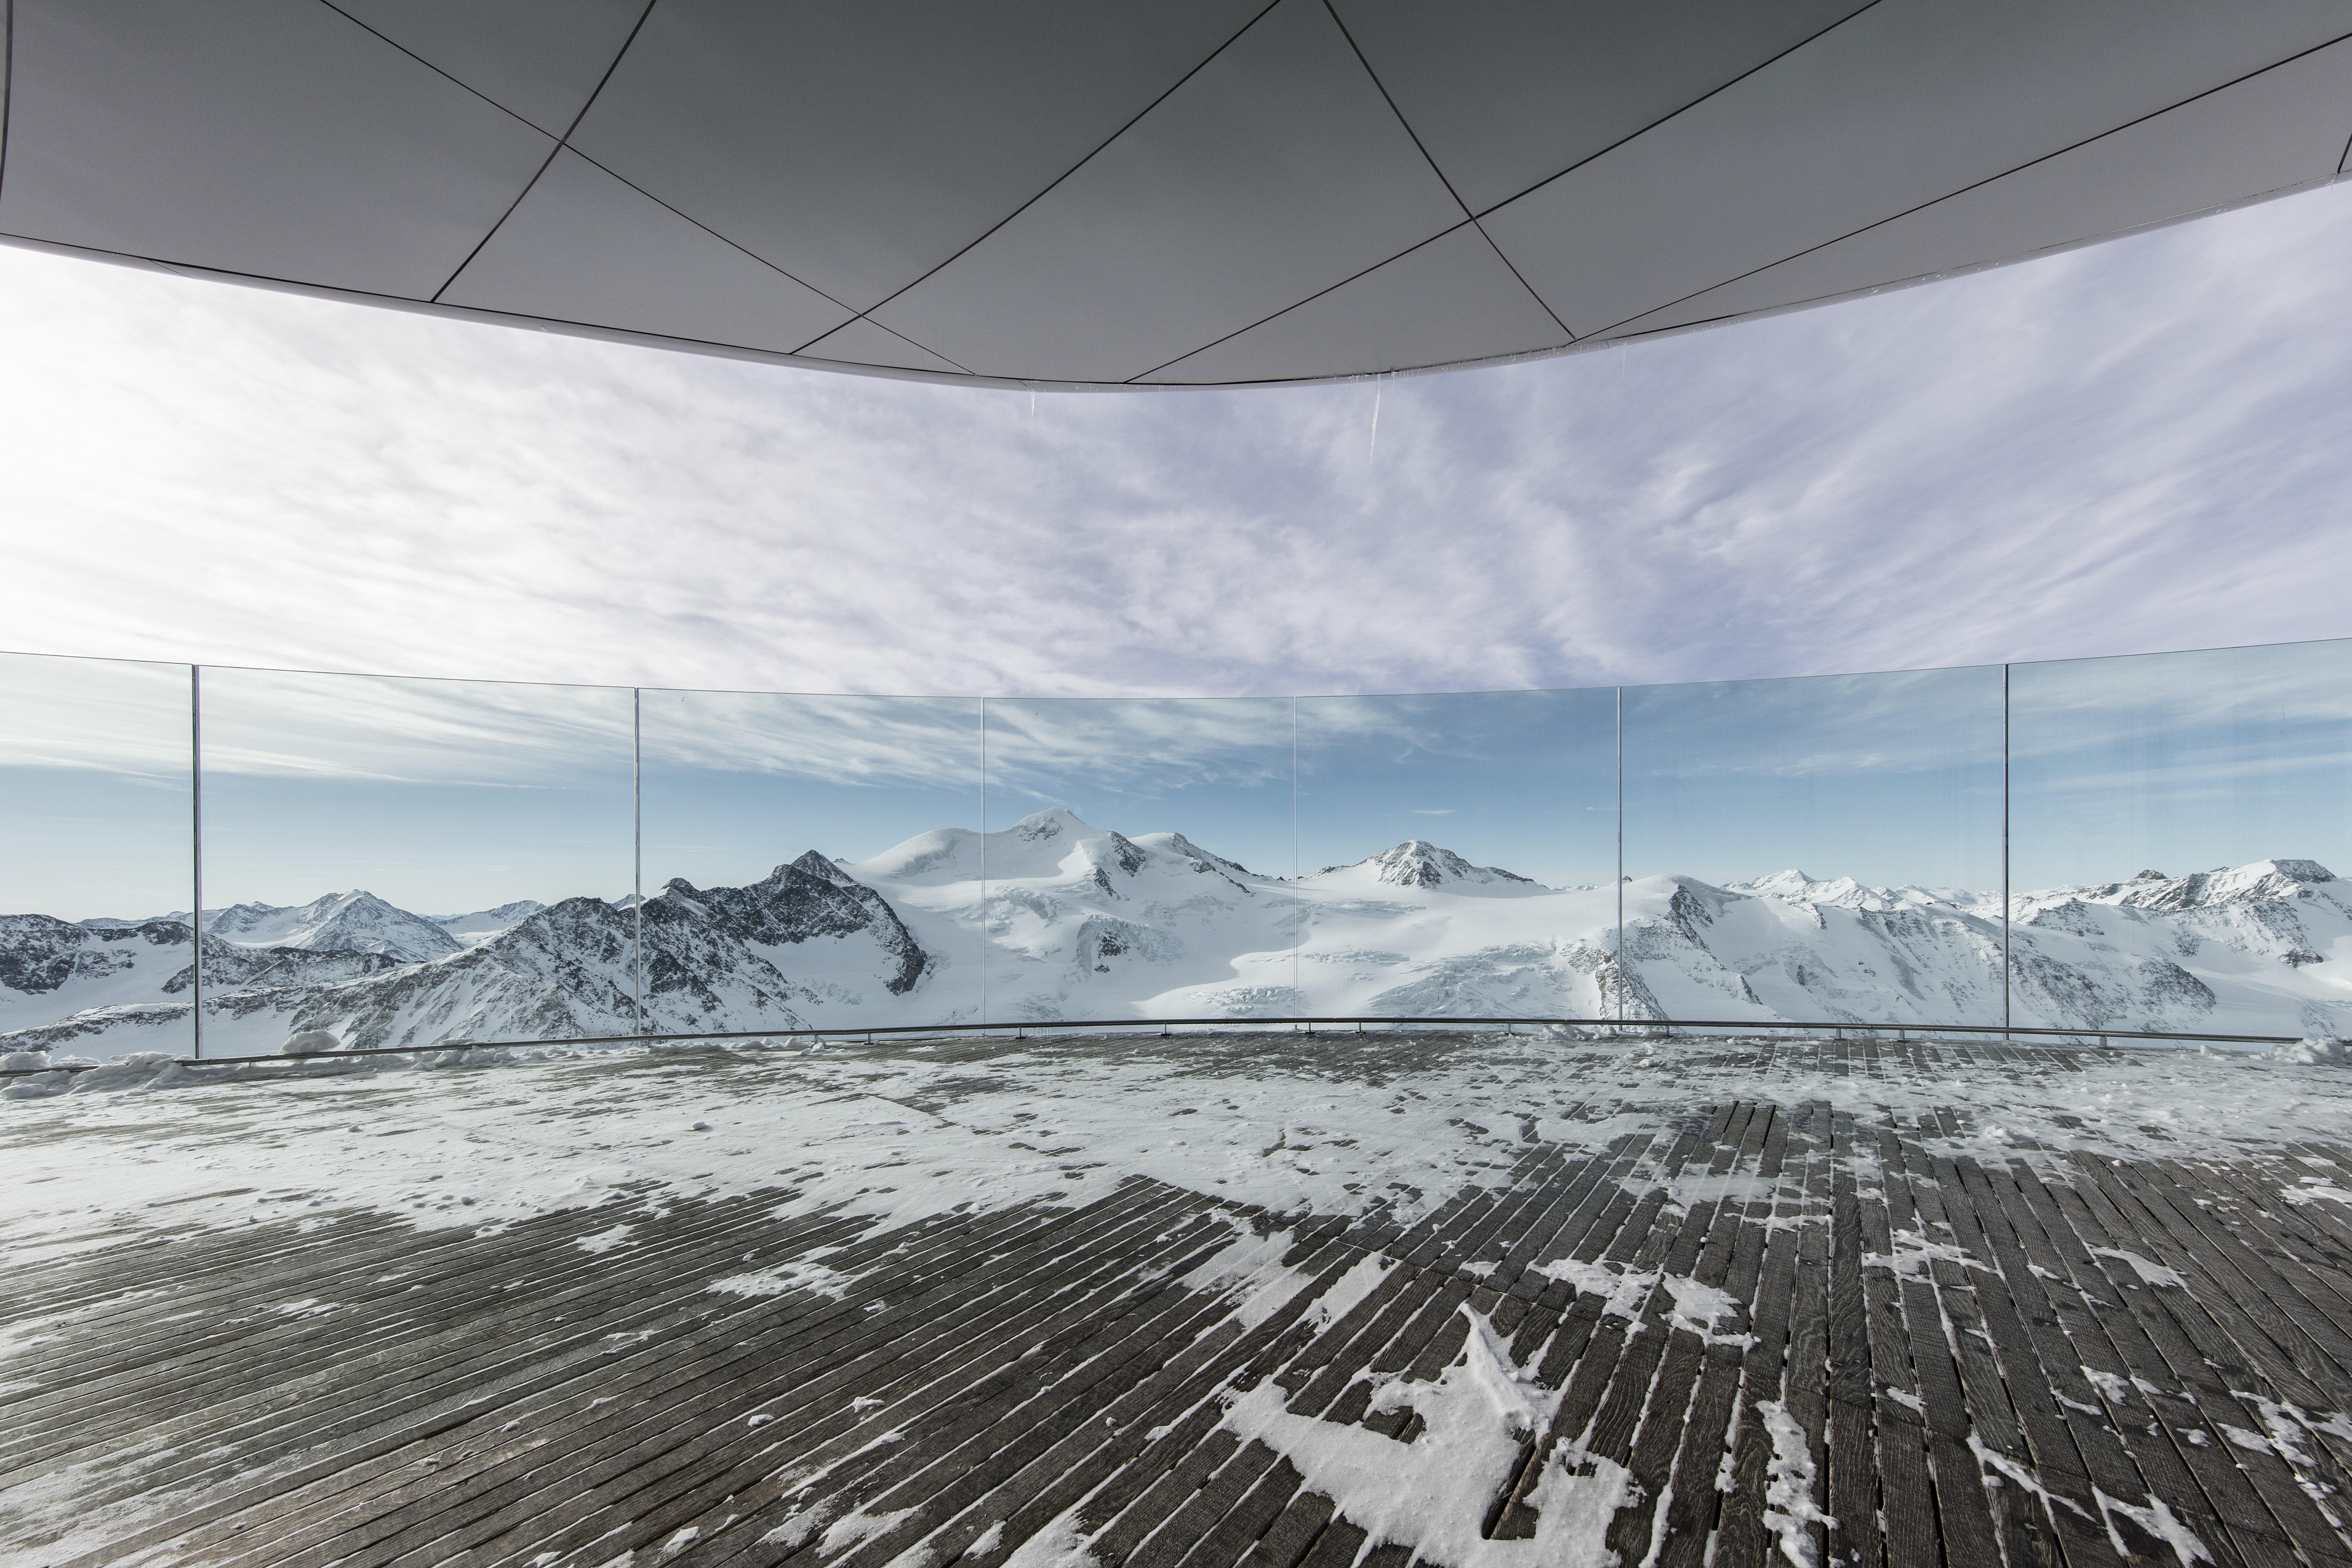 Wildspitzbahn © Gletscherpark Pitztal